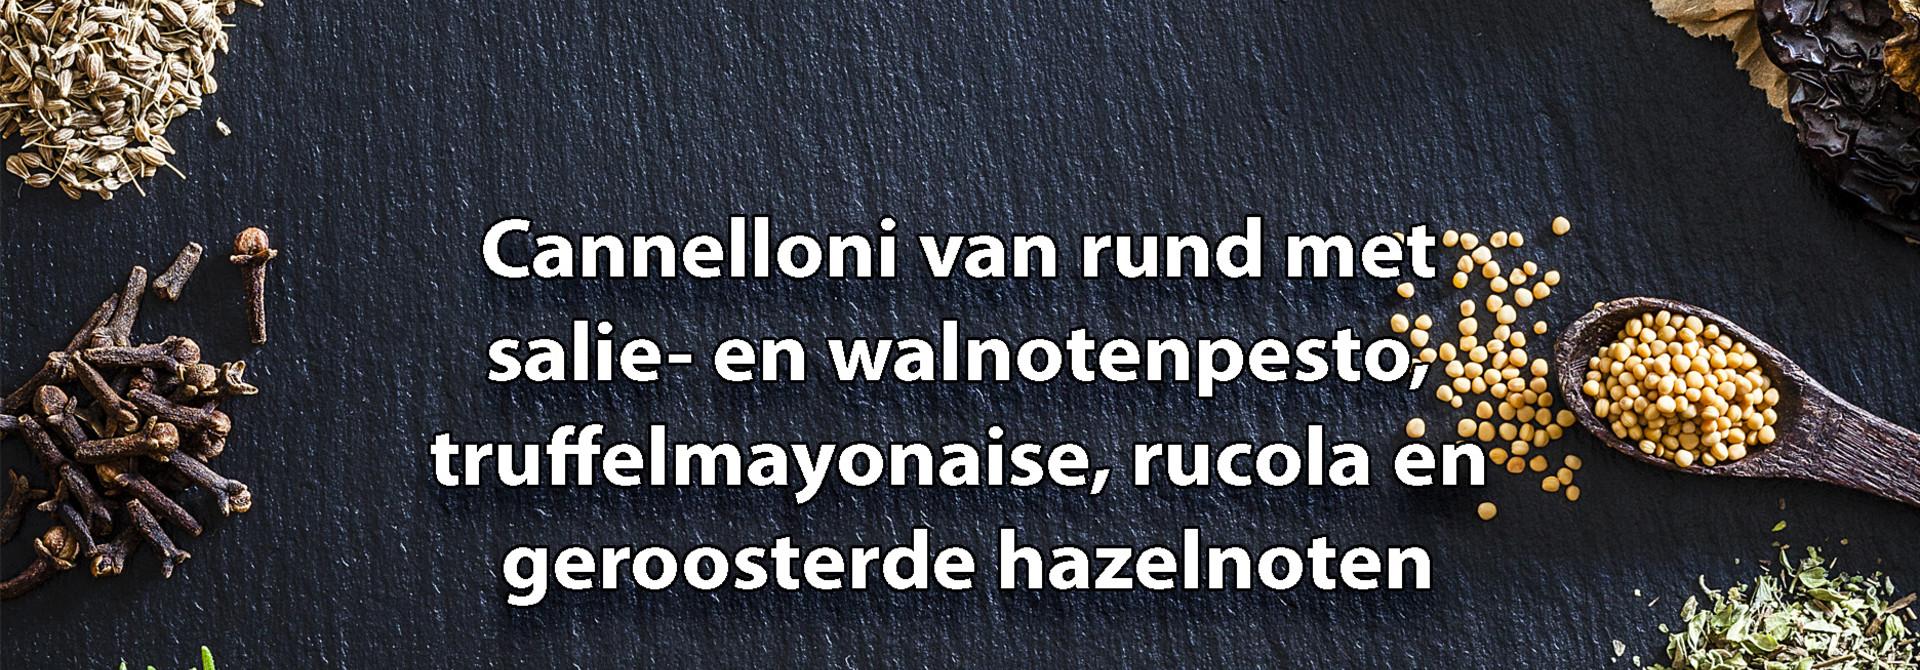 Cannelloni van rund